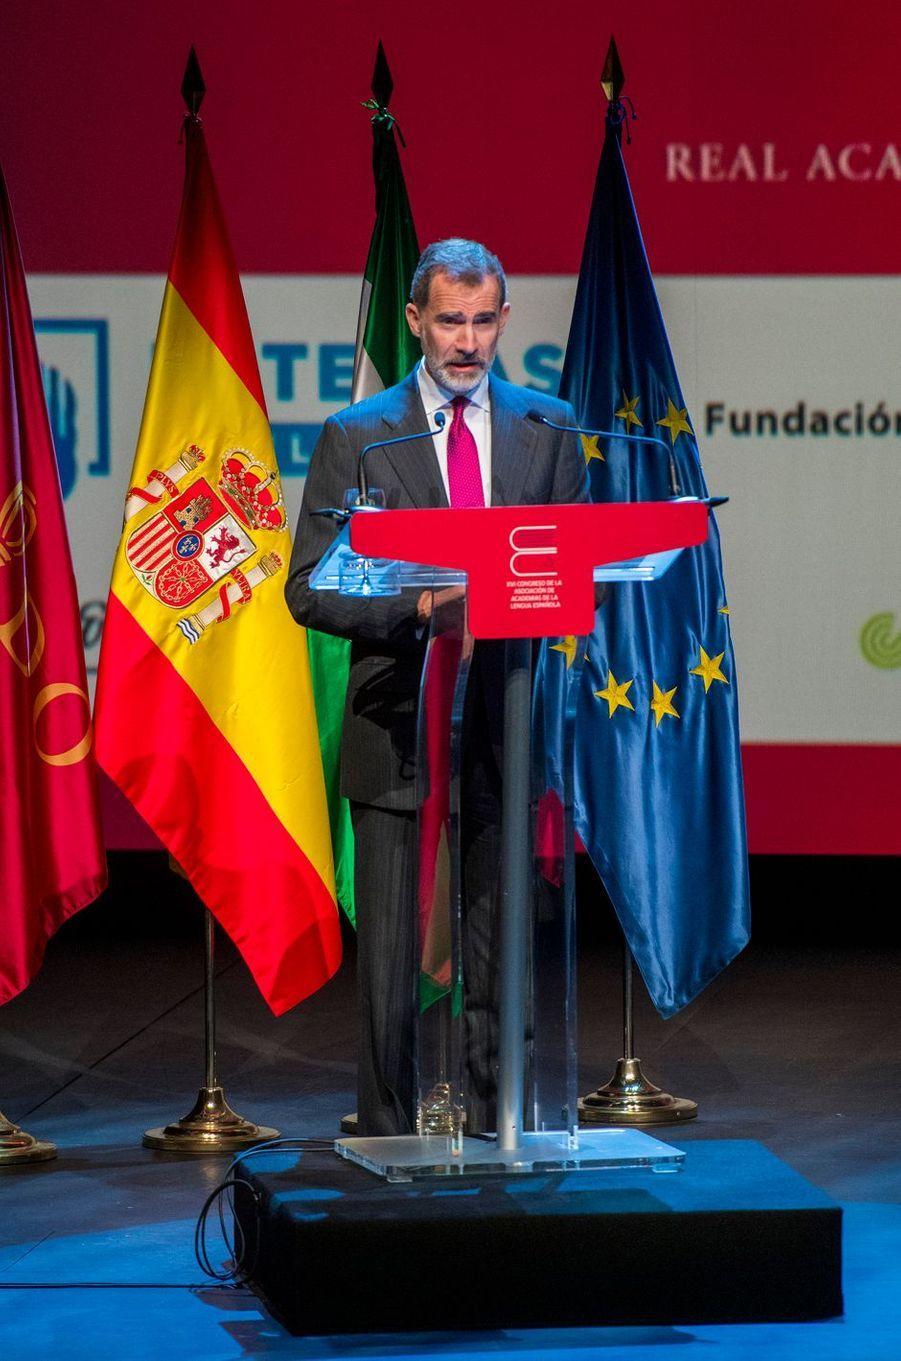 Le roi Felipe VI d'Espagne à Séville, le 8 novembre 2019